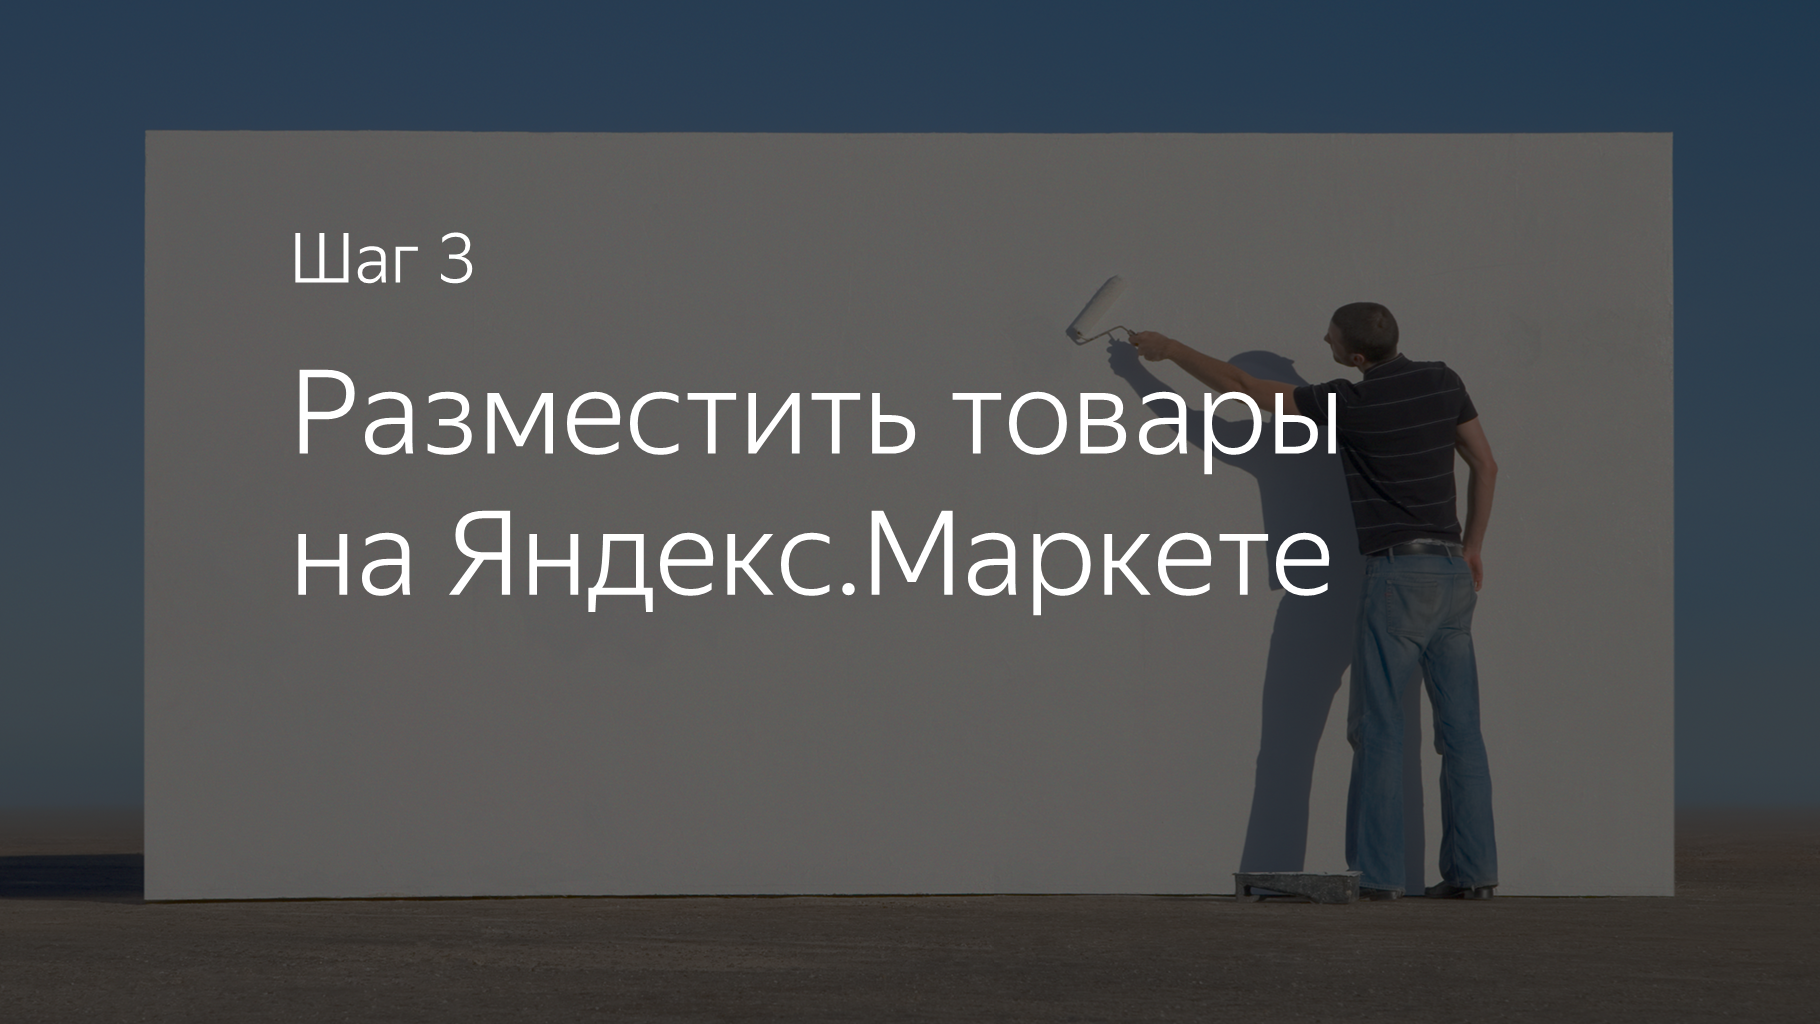 Шаг 3 Разместить товары на Яндекс.Маркете